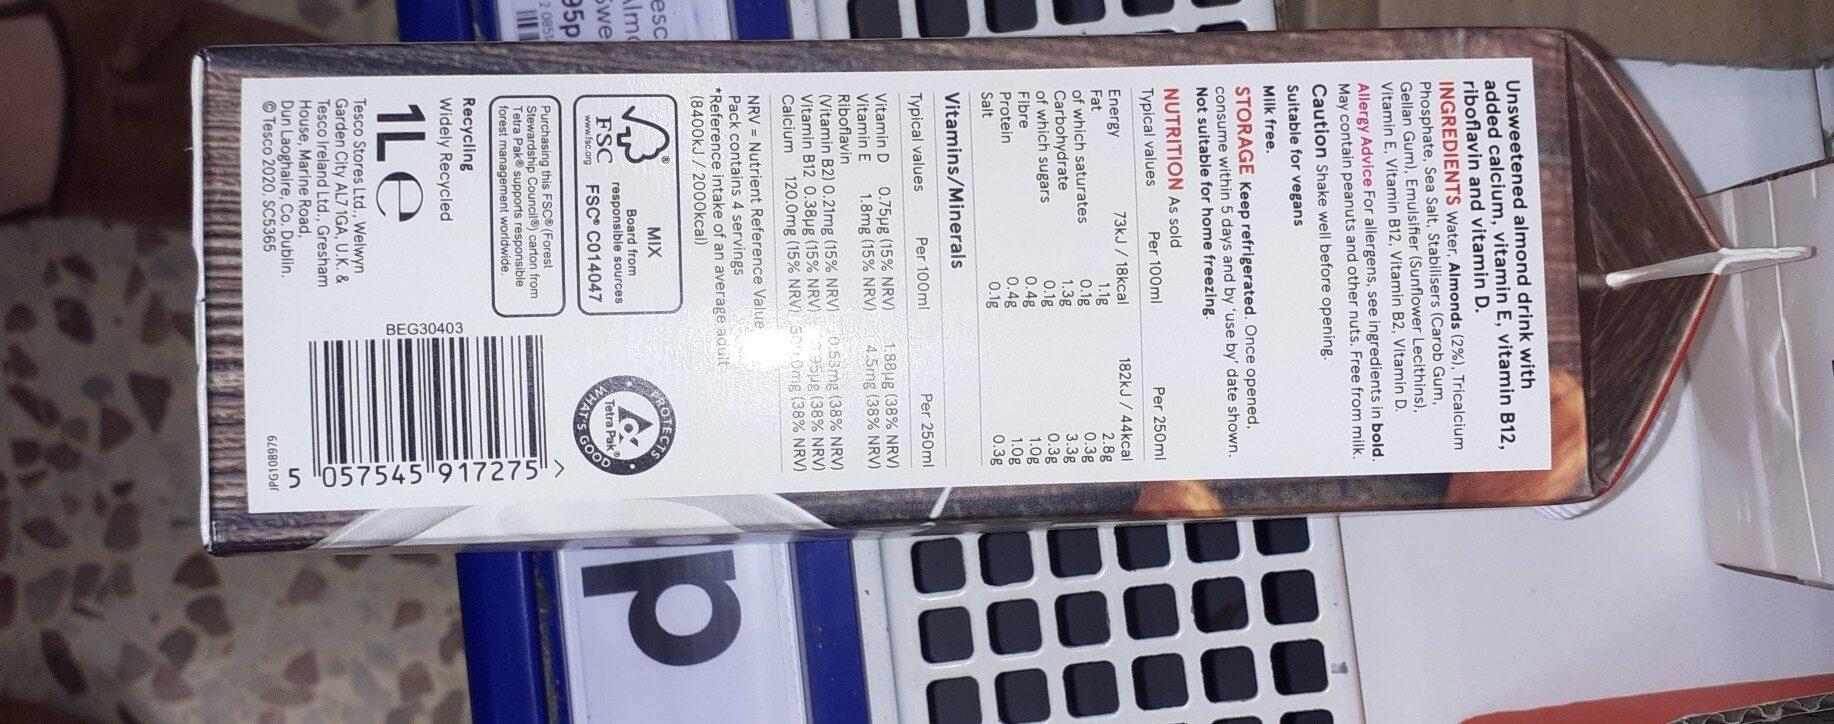 Almond drink - Ingredientes - en